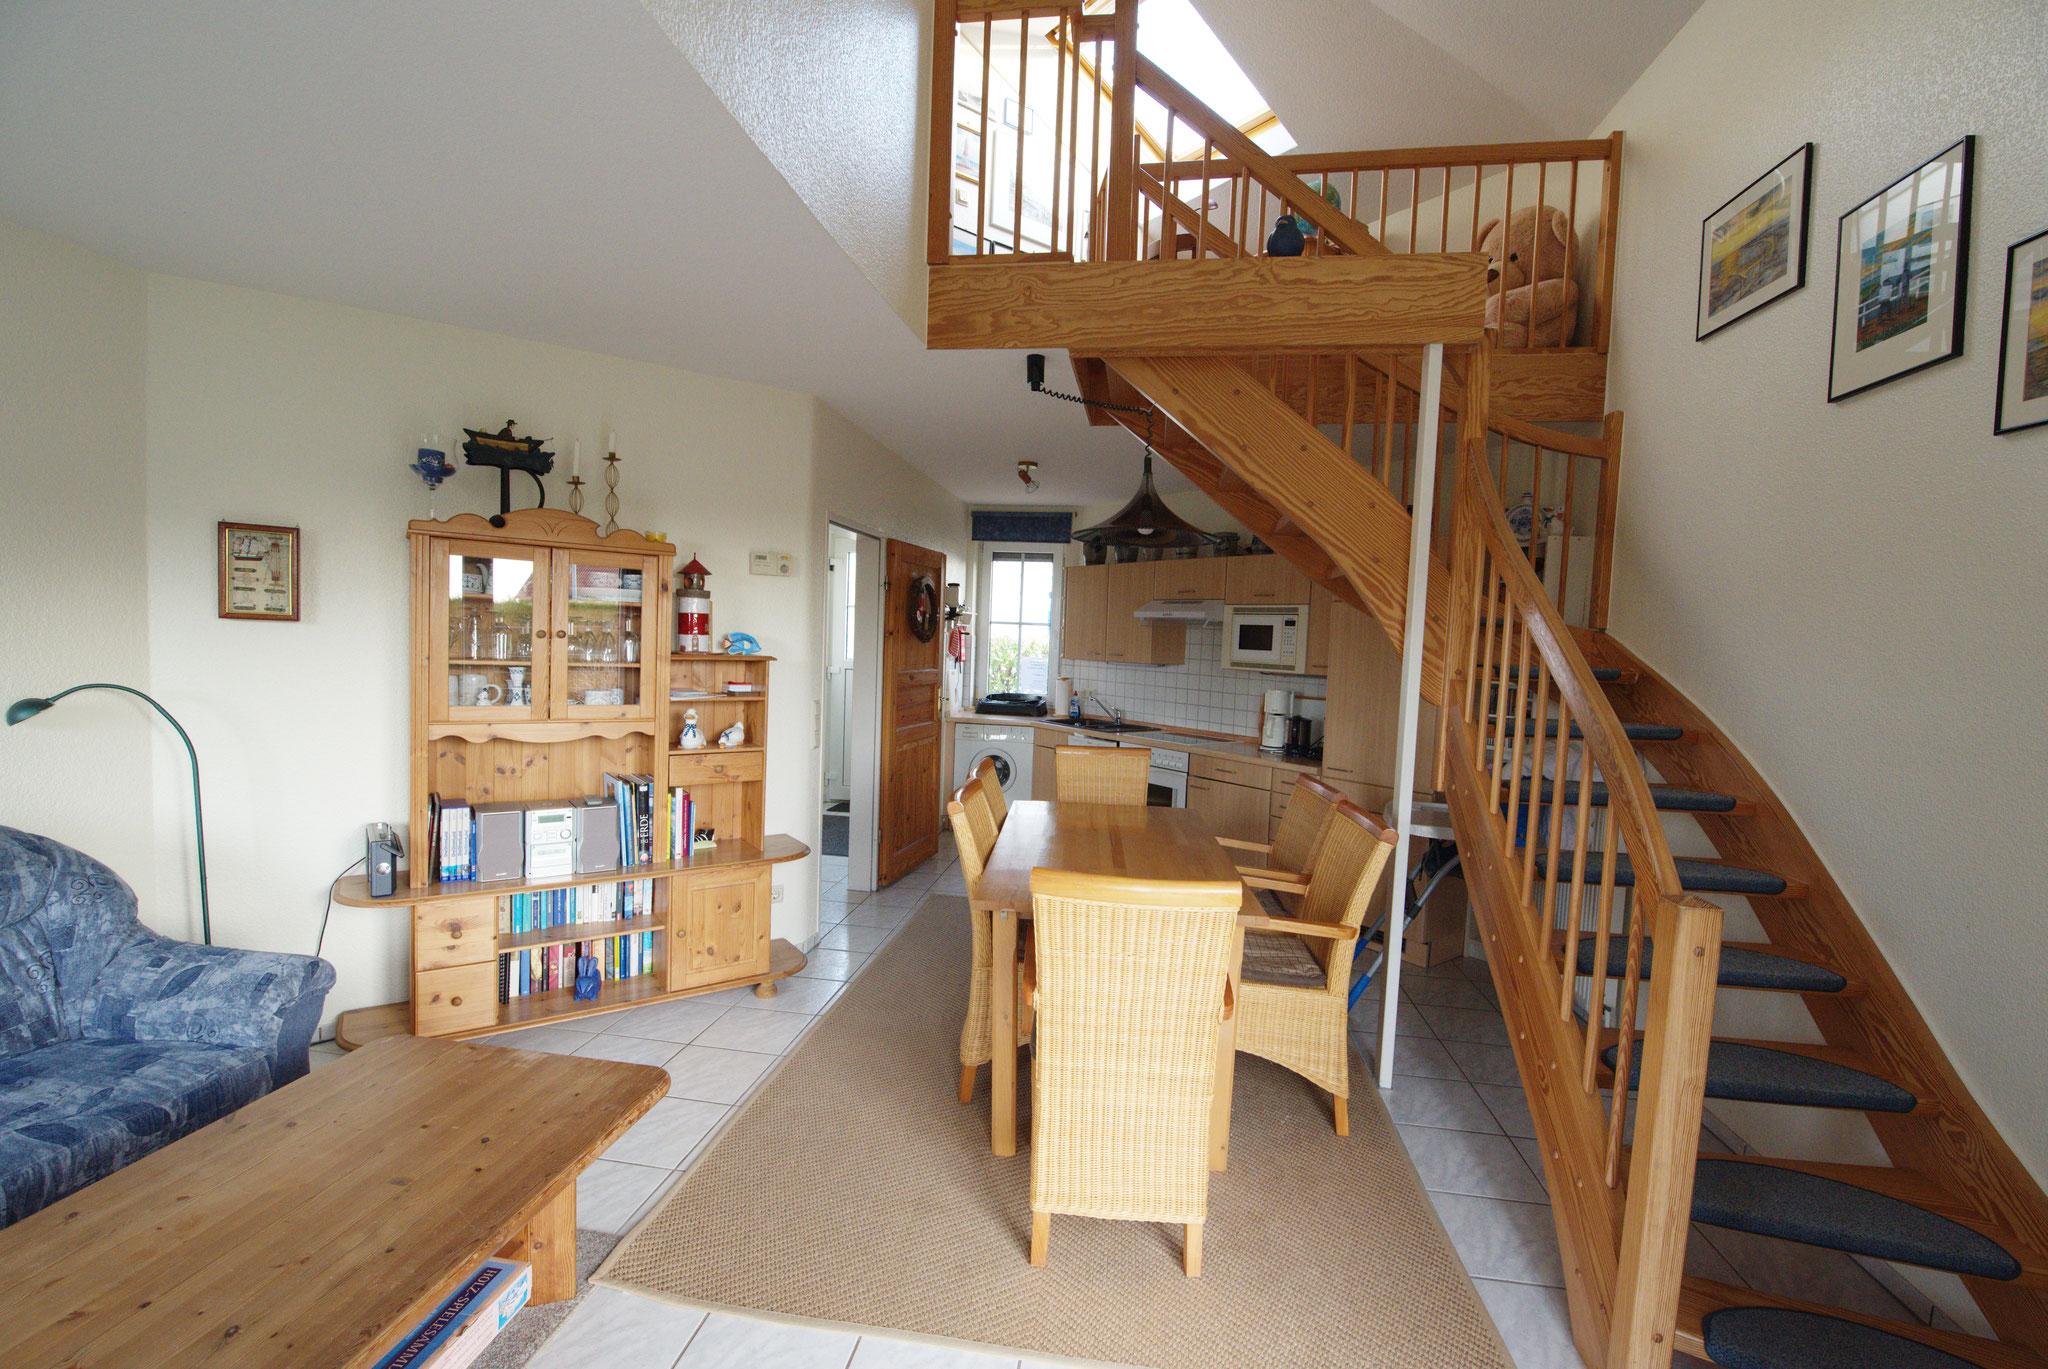 Wohn- undEssbereich mit Aufgang zum Obergeschoss